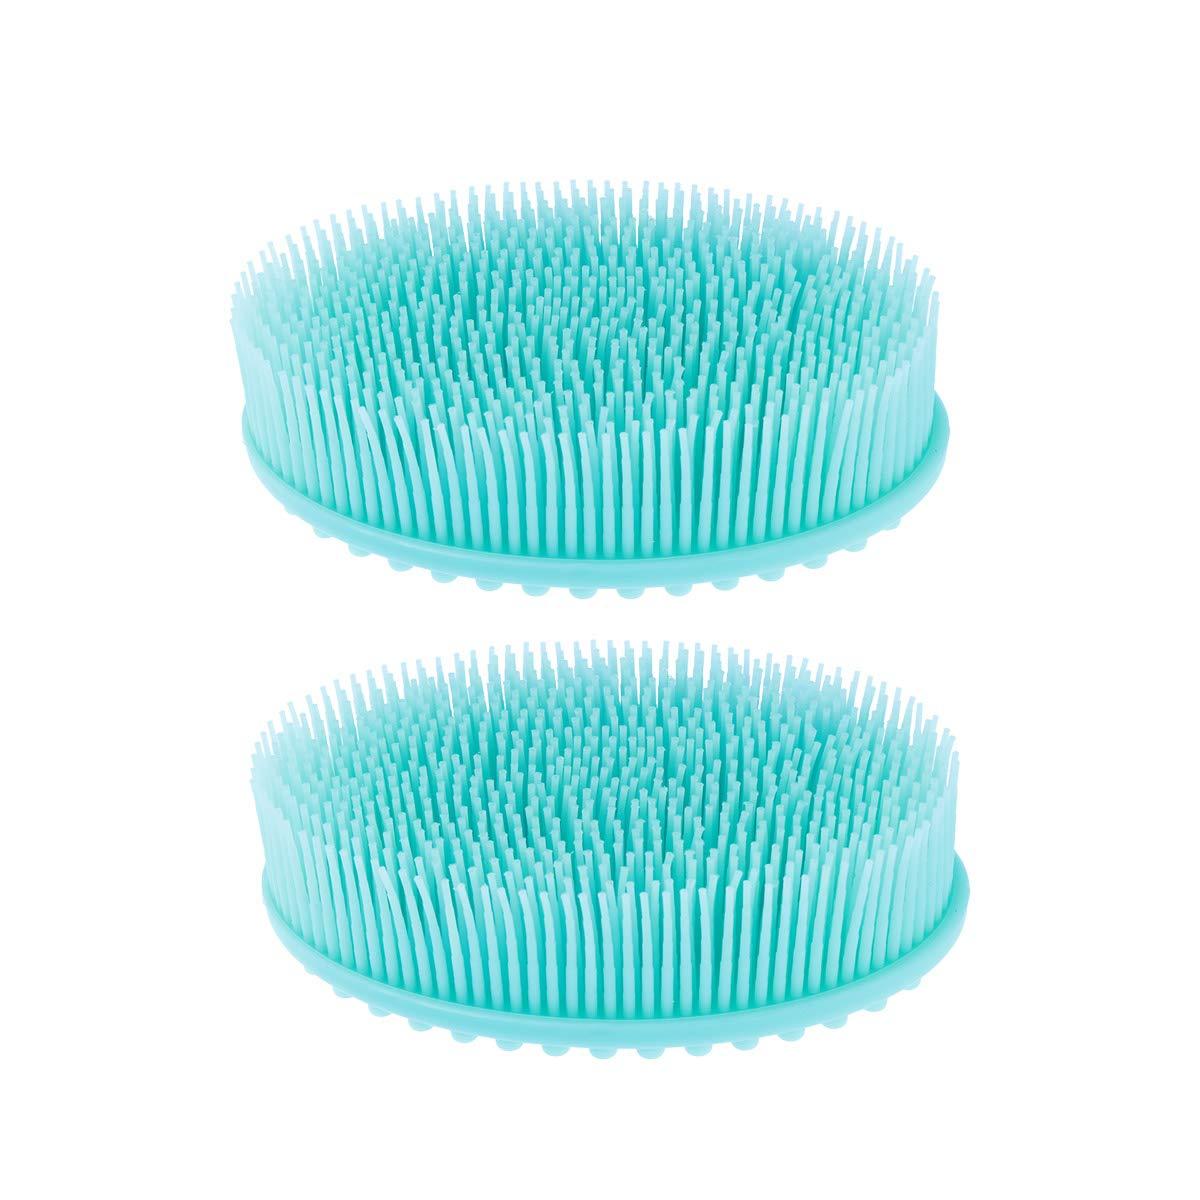 healifty 2Silikon Körper Bürste Haut Peeling Pad Haut Health Beauty Care Massage Bürste (blau)